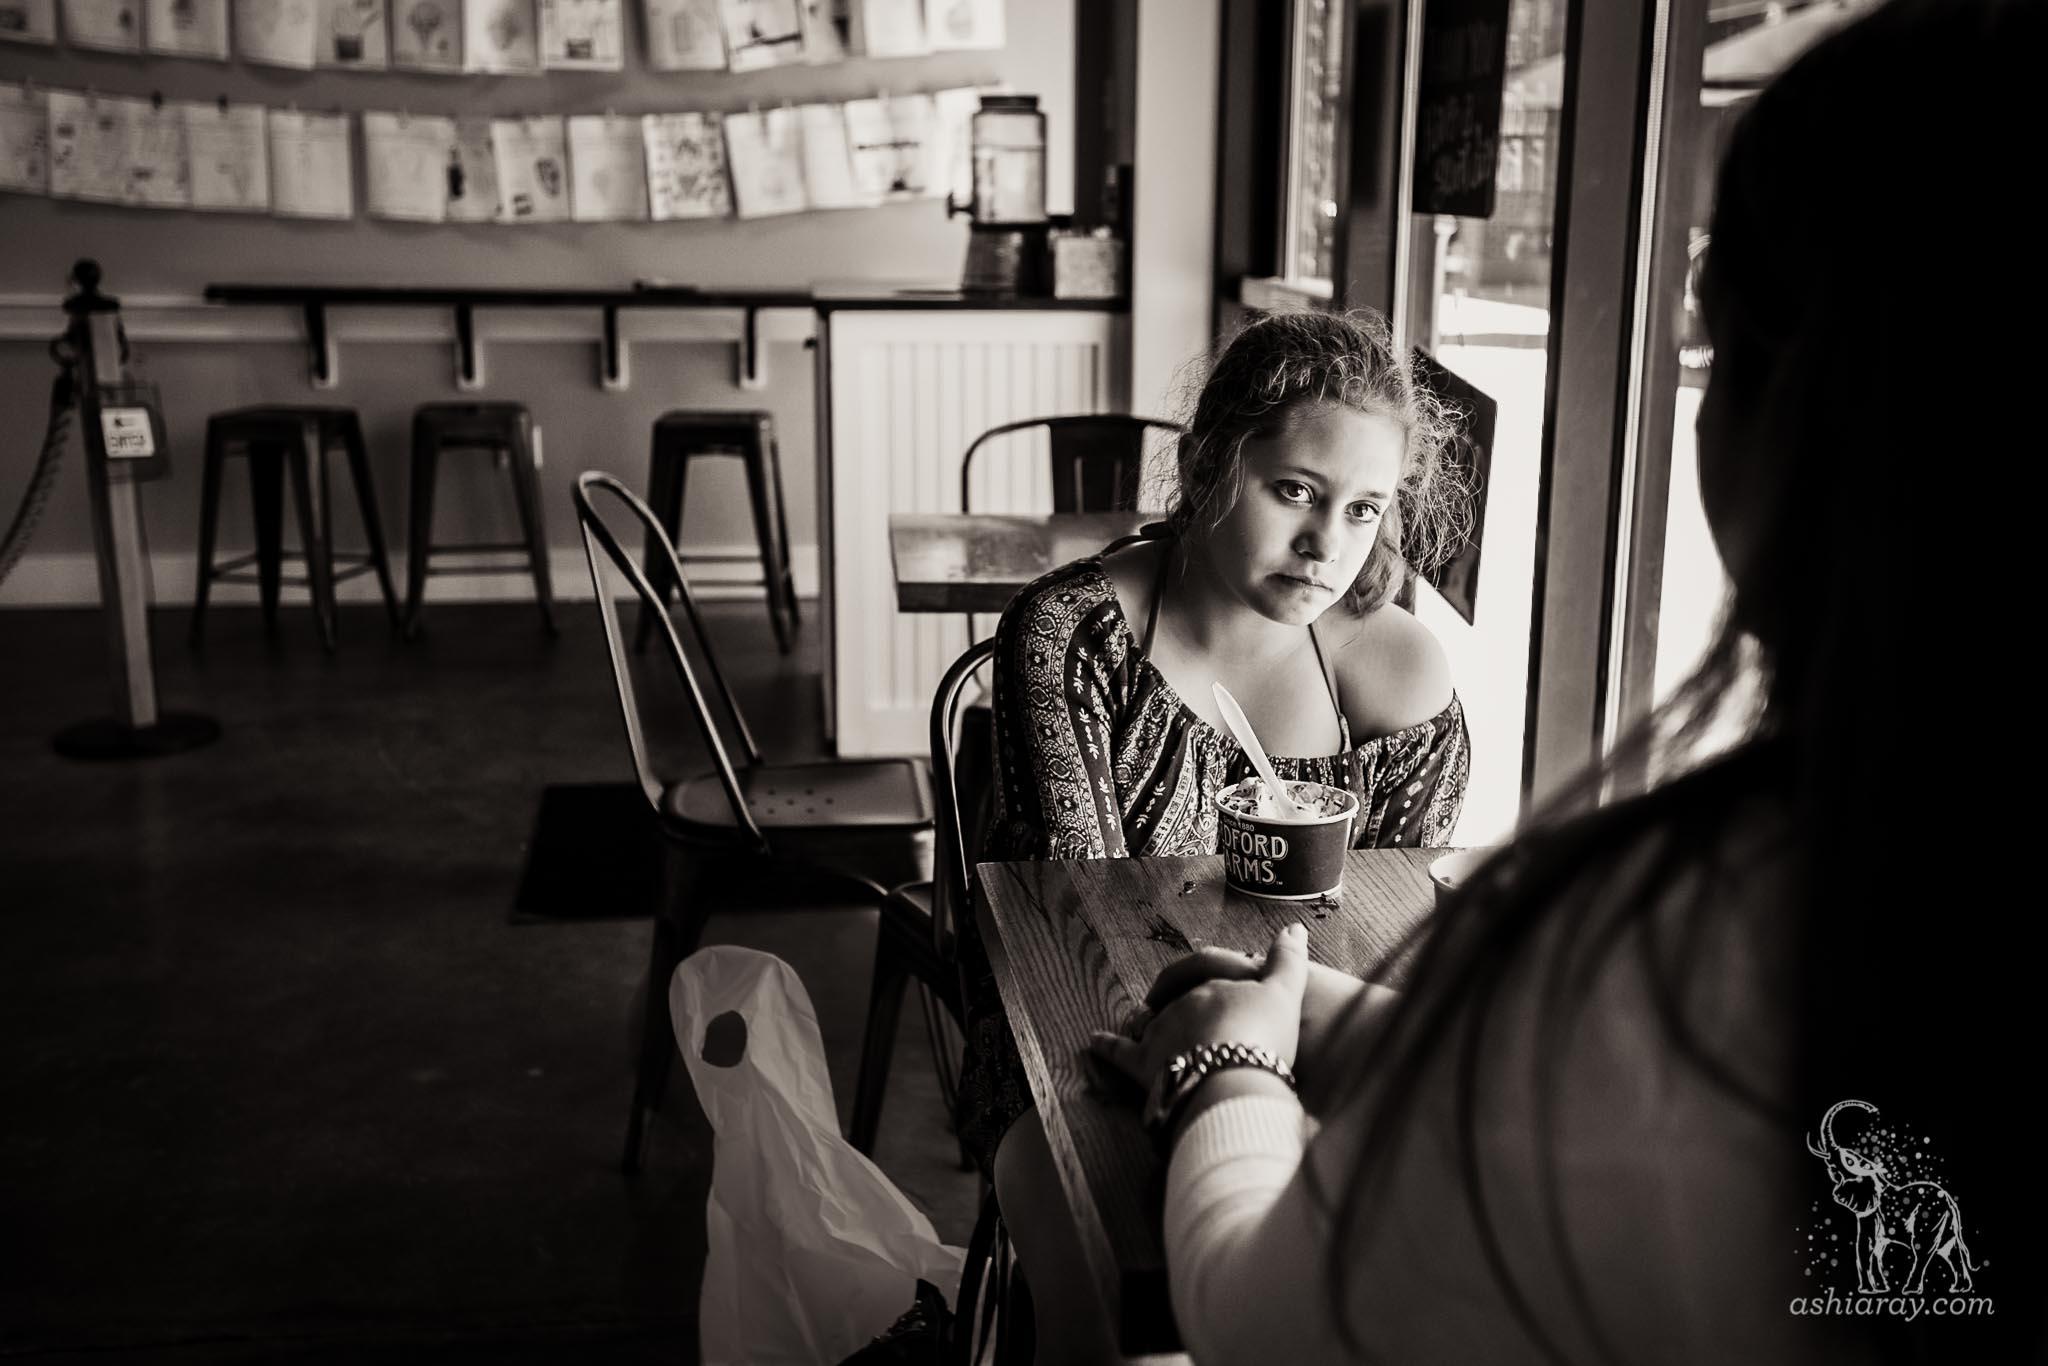 Teen girl looking serious in restaurant